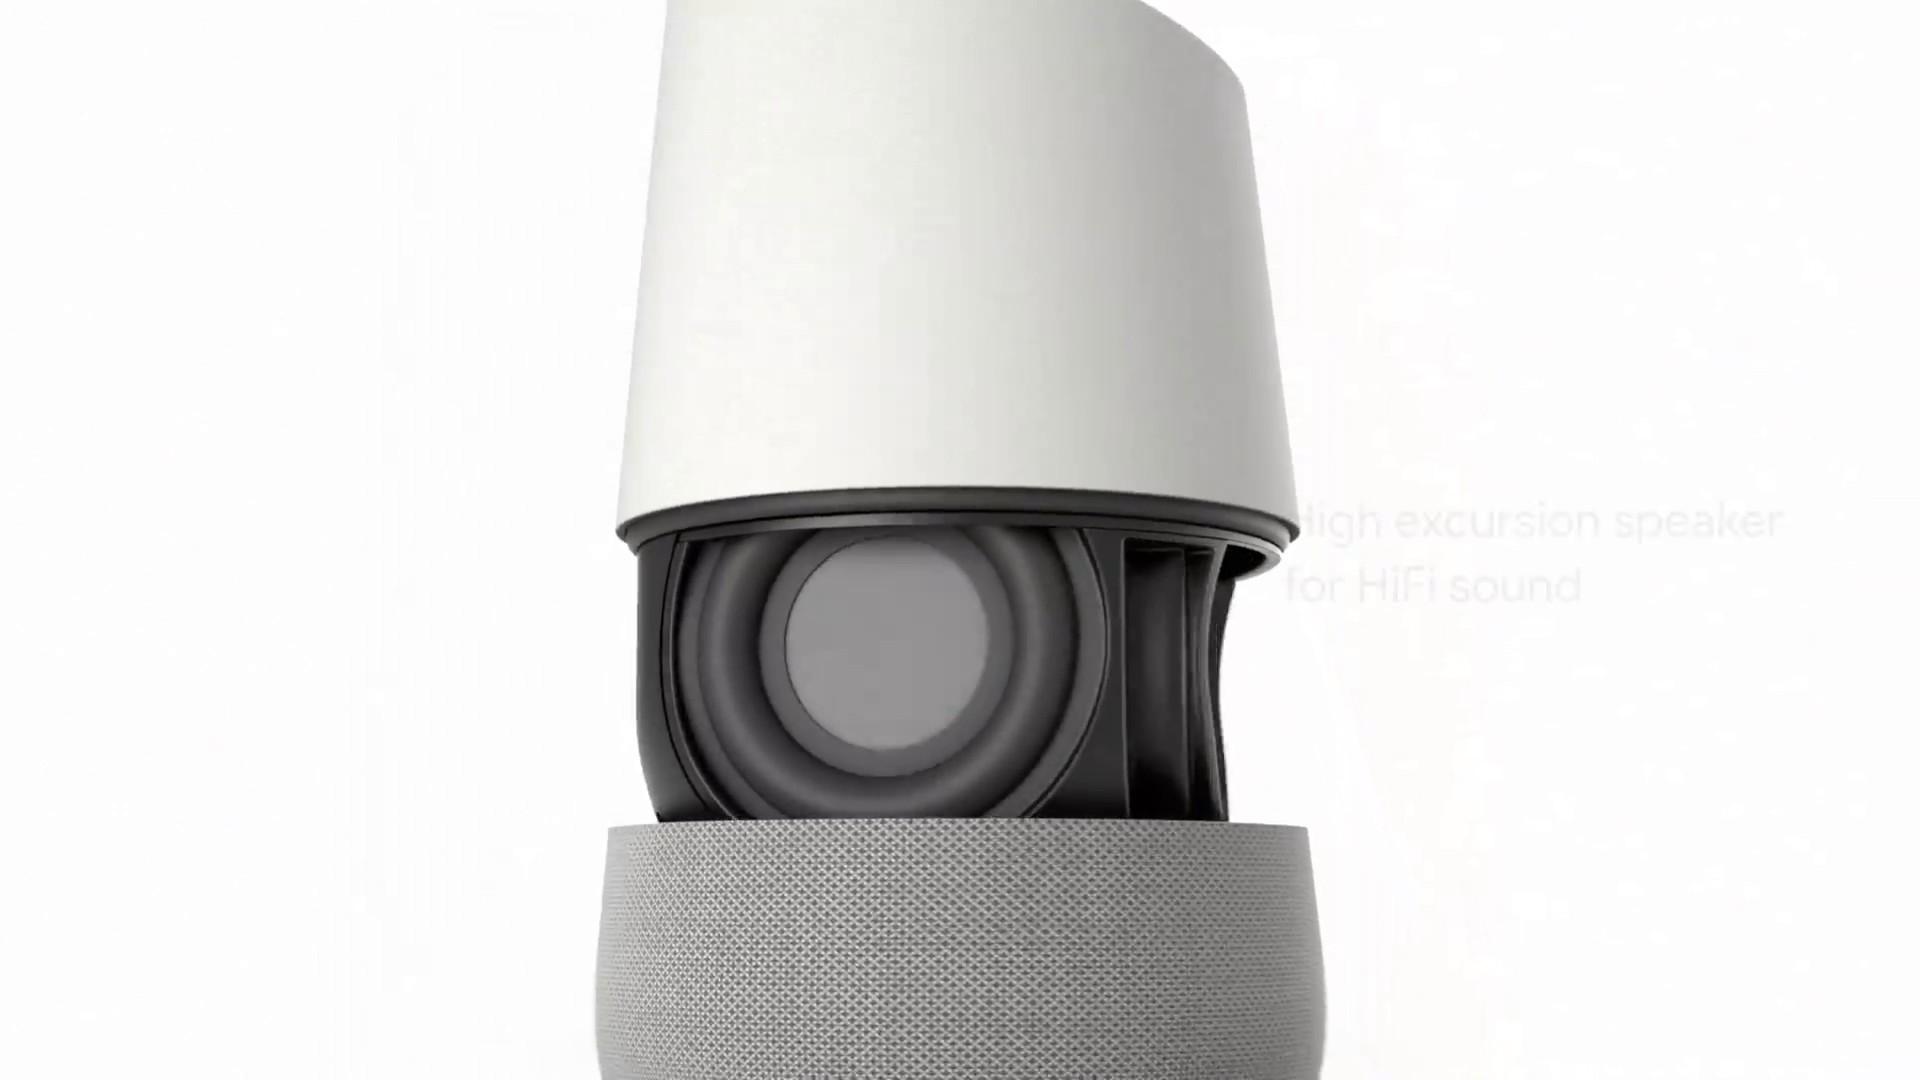 google home release technische daten bilder und preis. Black Bedroom Furniture Sets. Home Design Ideas